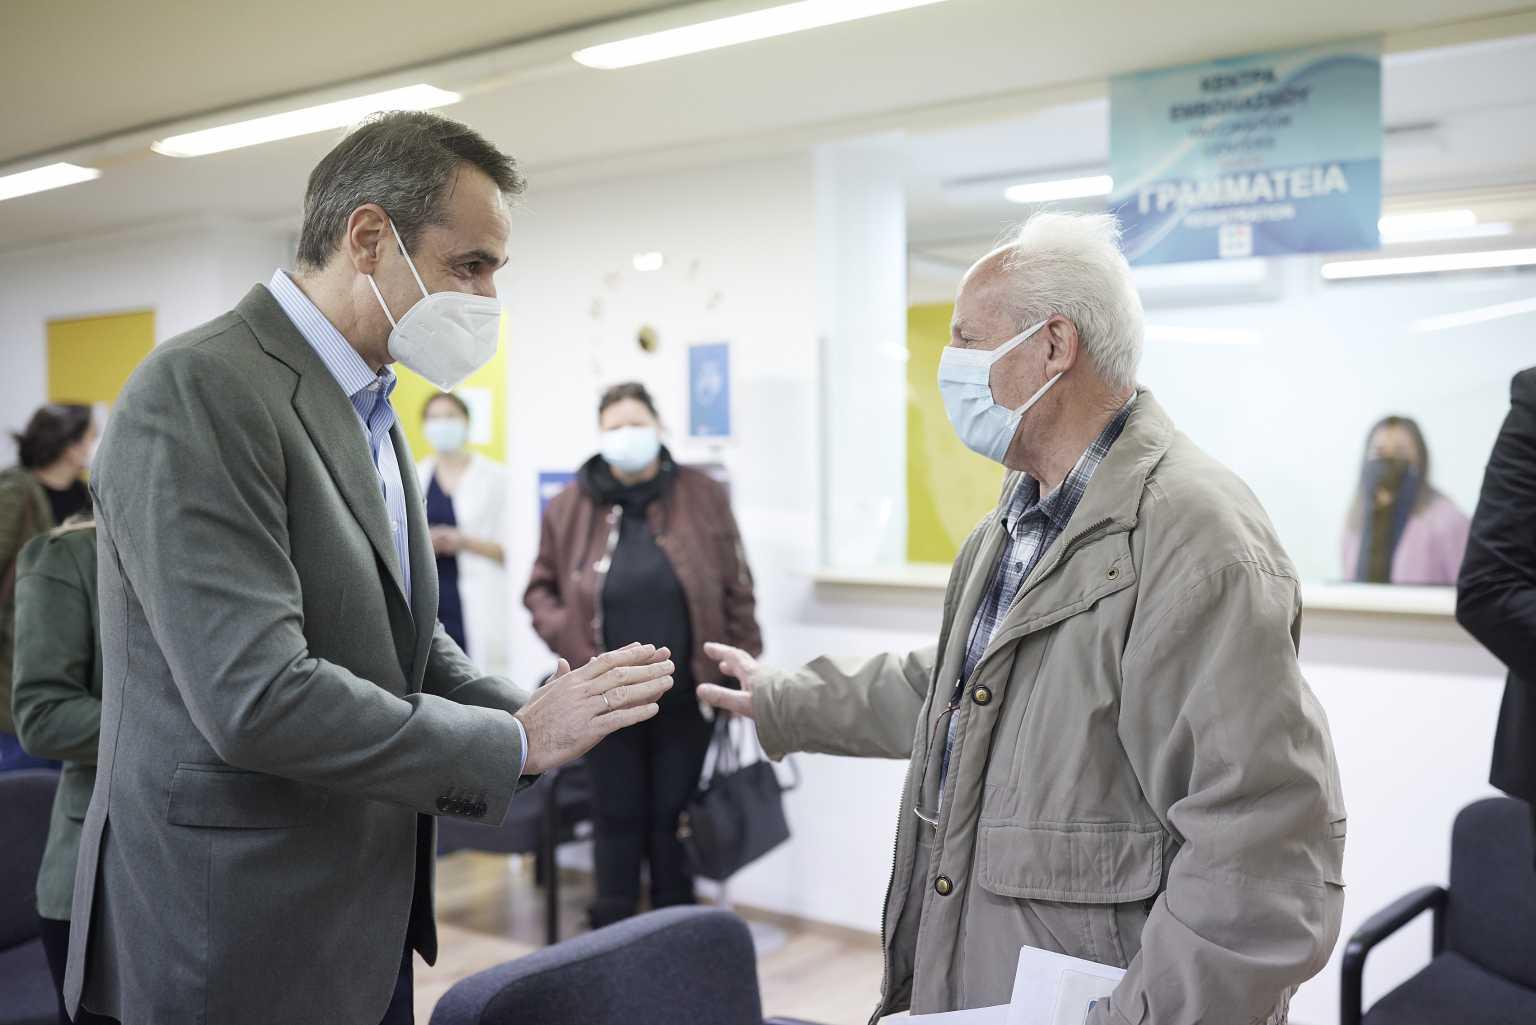 Μητσοτάκης σε ηλικιωμένους που περίμεναν για εμβόλιο: Θα μου προσέχετε – Έρχεται ο ψηφιακός φάκελος υγείας